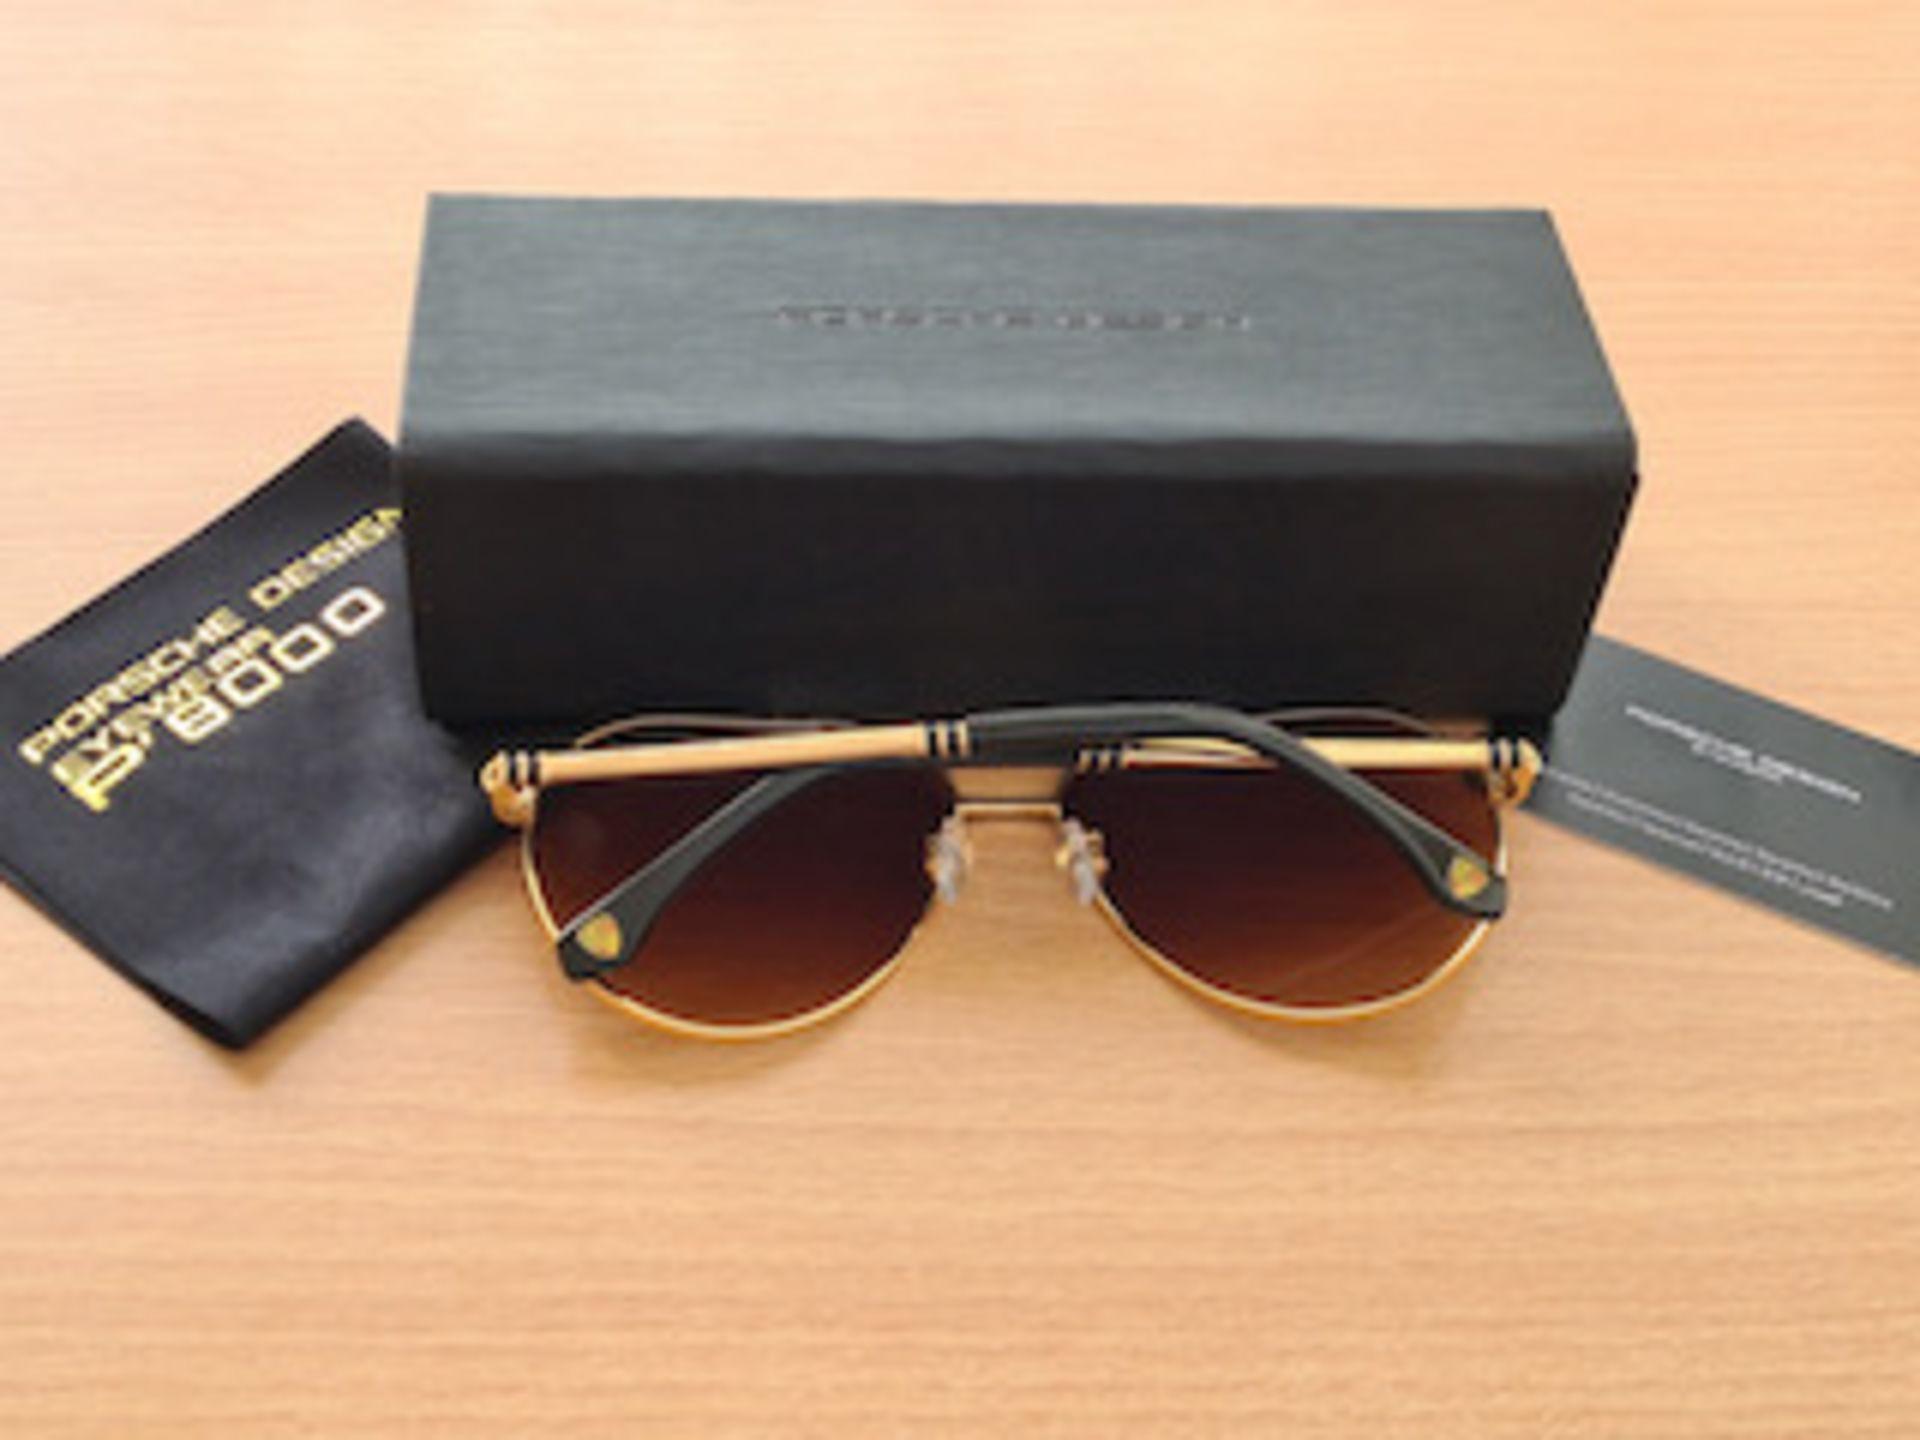 Porsche Design P8911 Unisex Sunglasses - Image 2 of 2